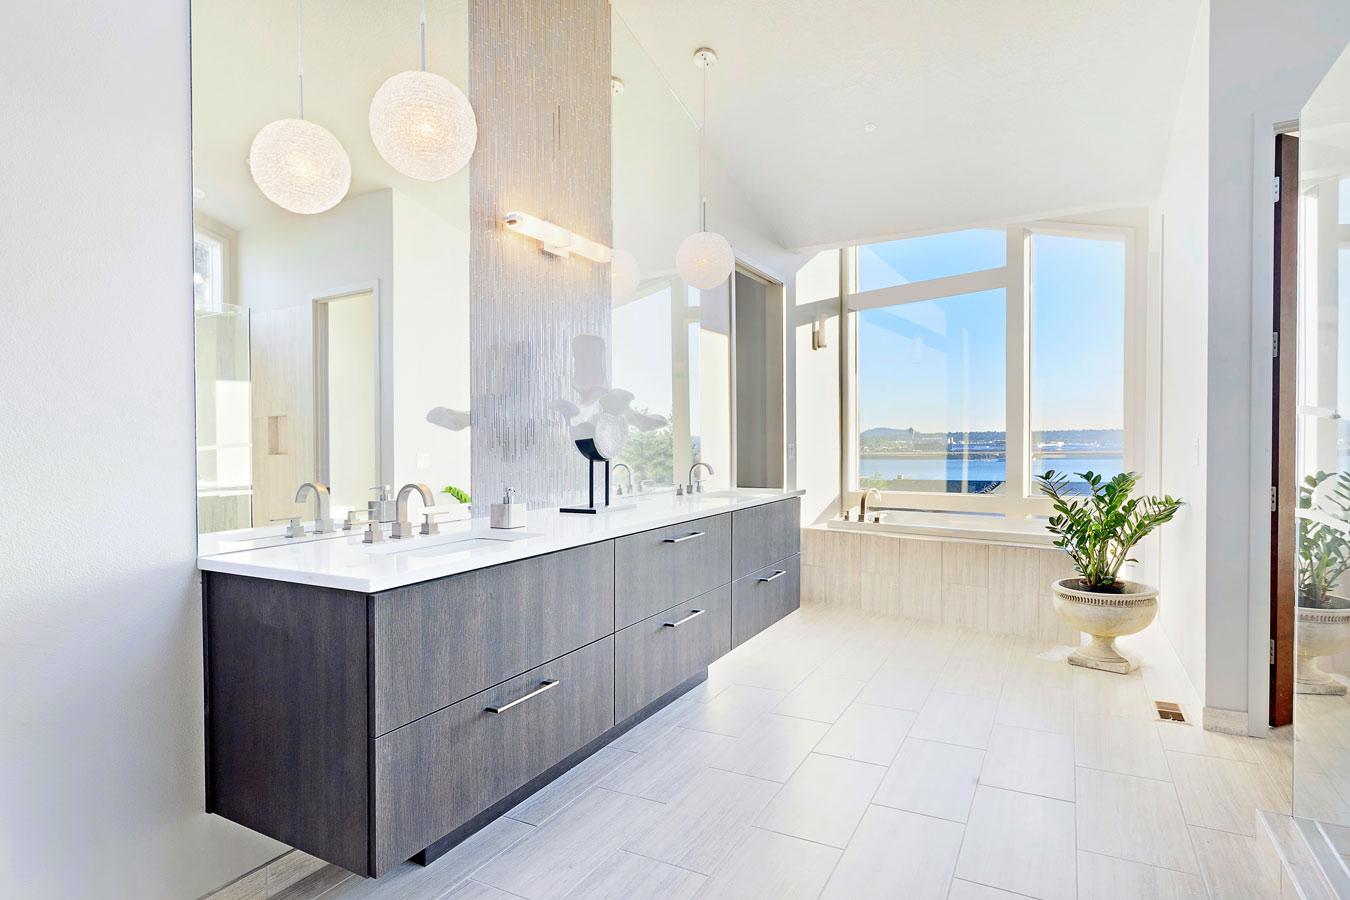 Badkamerverlichting plaatsen | inspiratie - Wetgeving & Tips